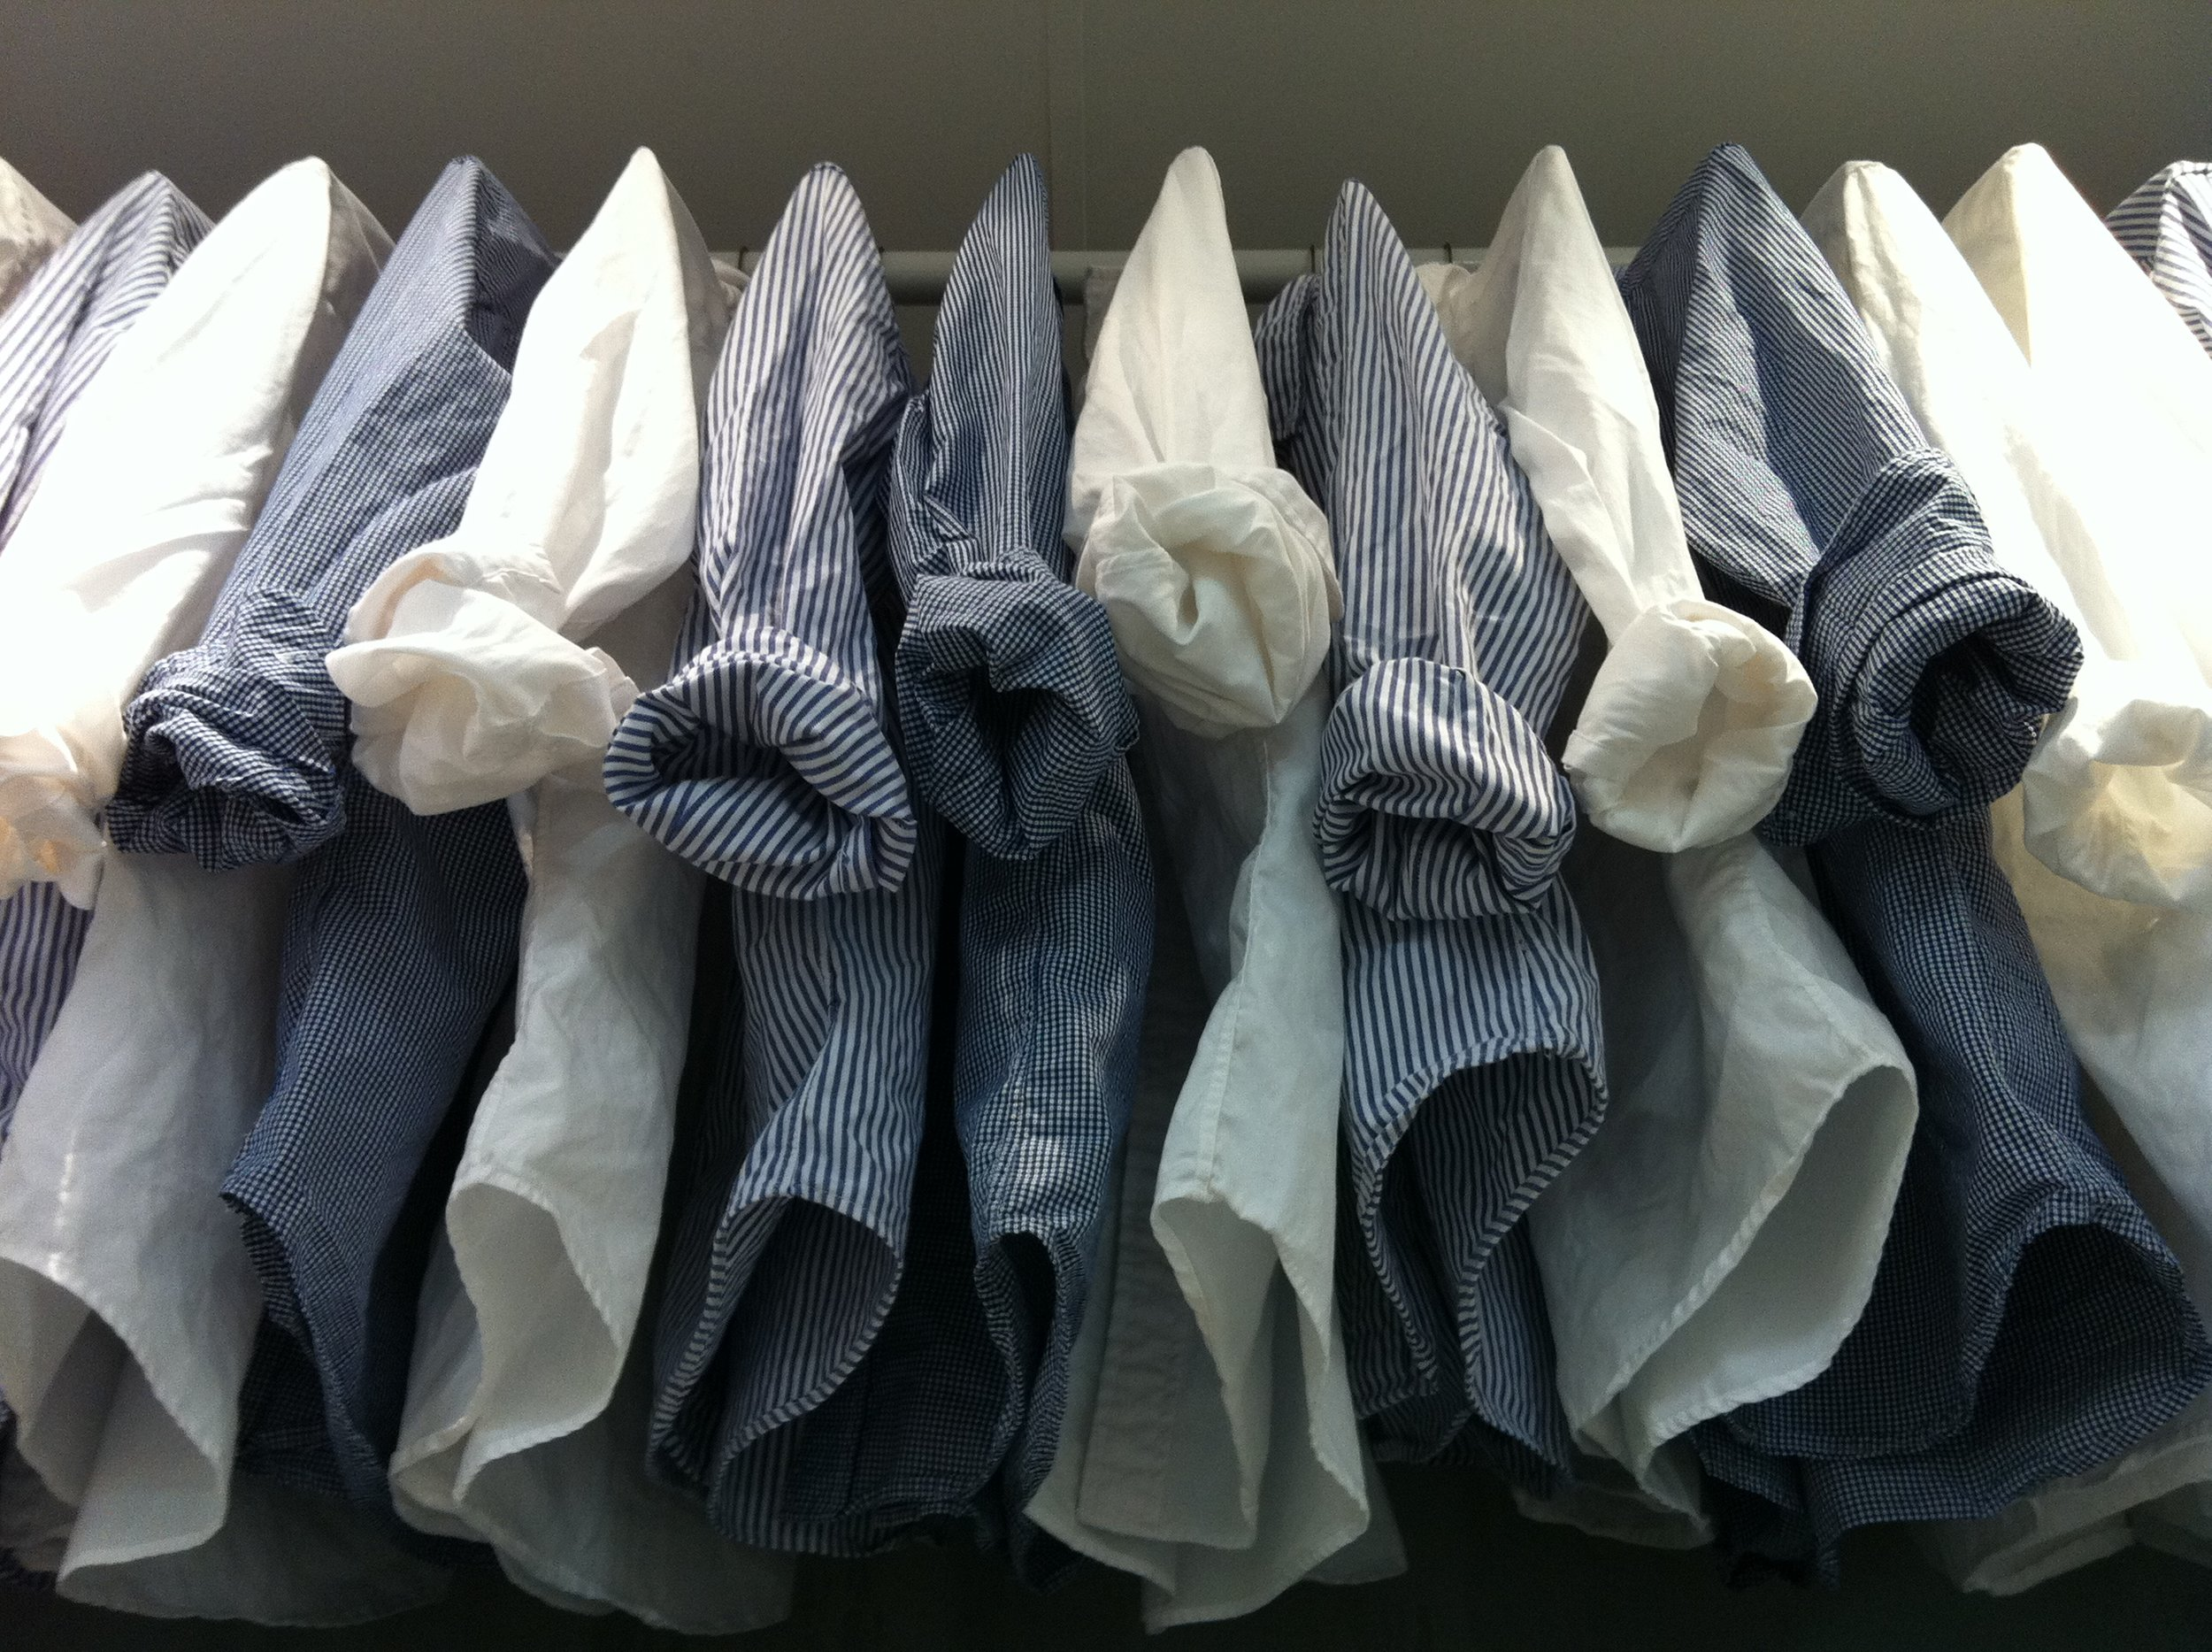 hanging_shirts_LG.jpg